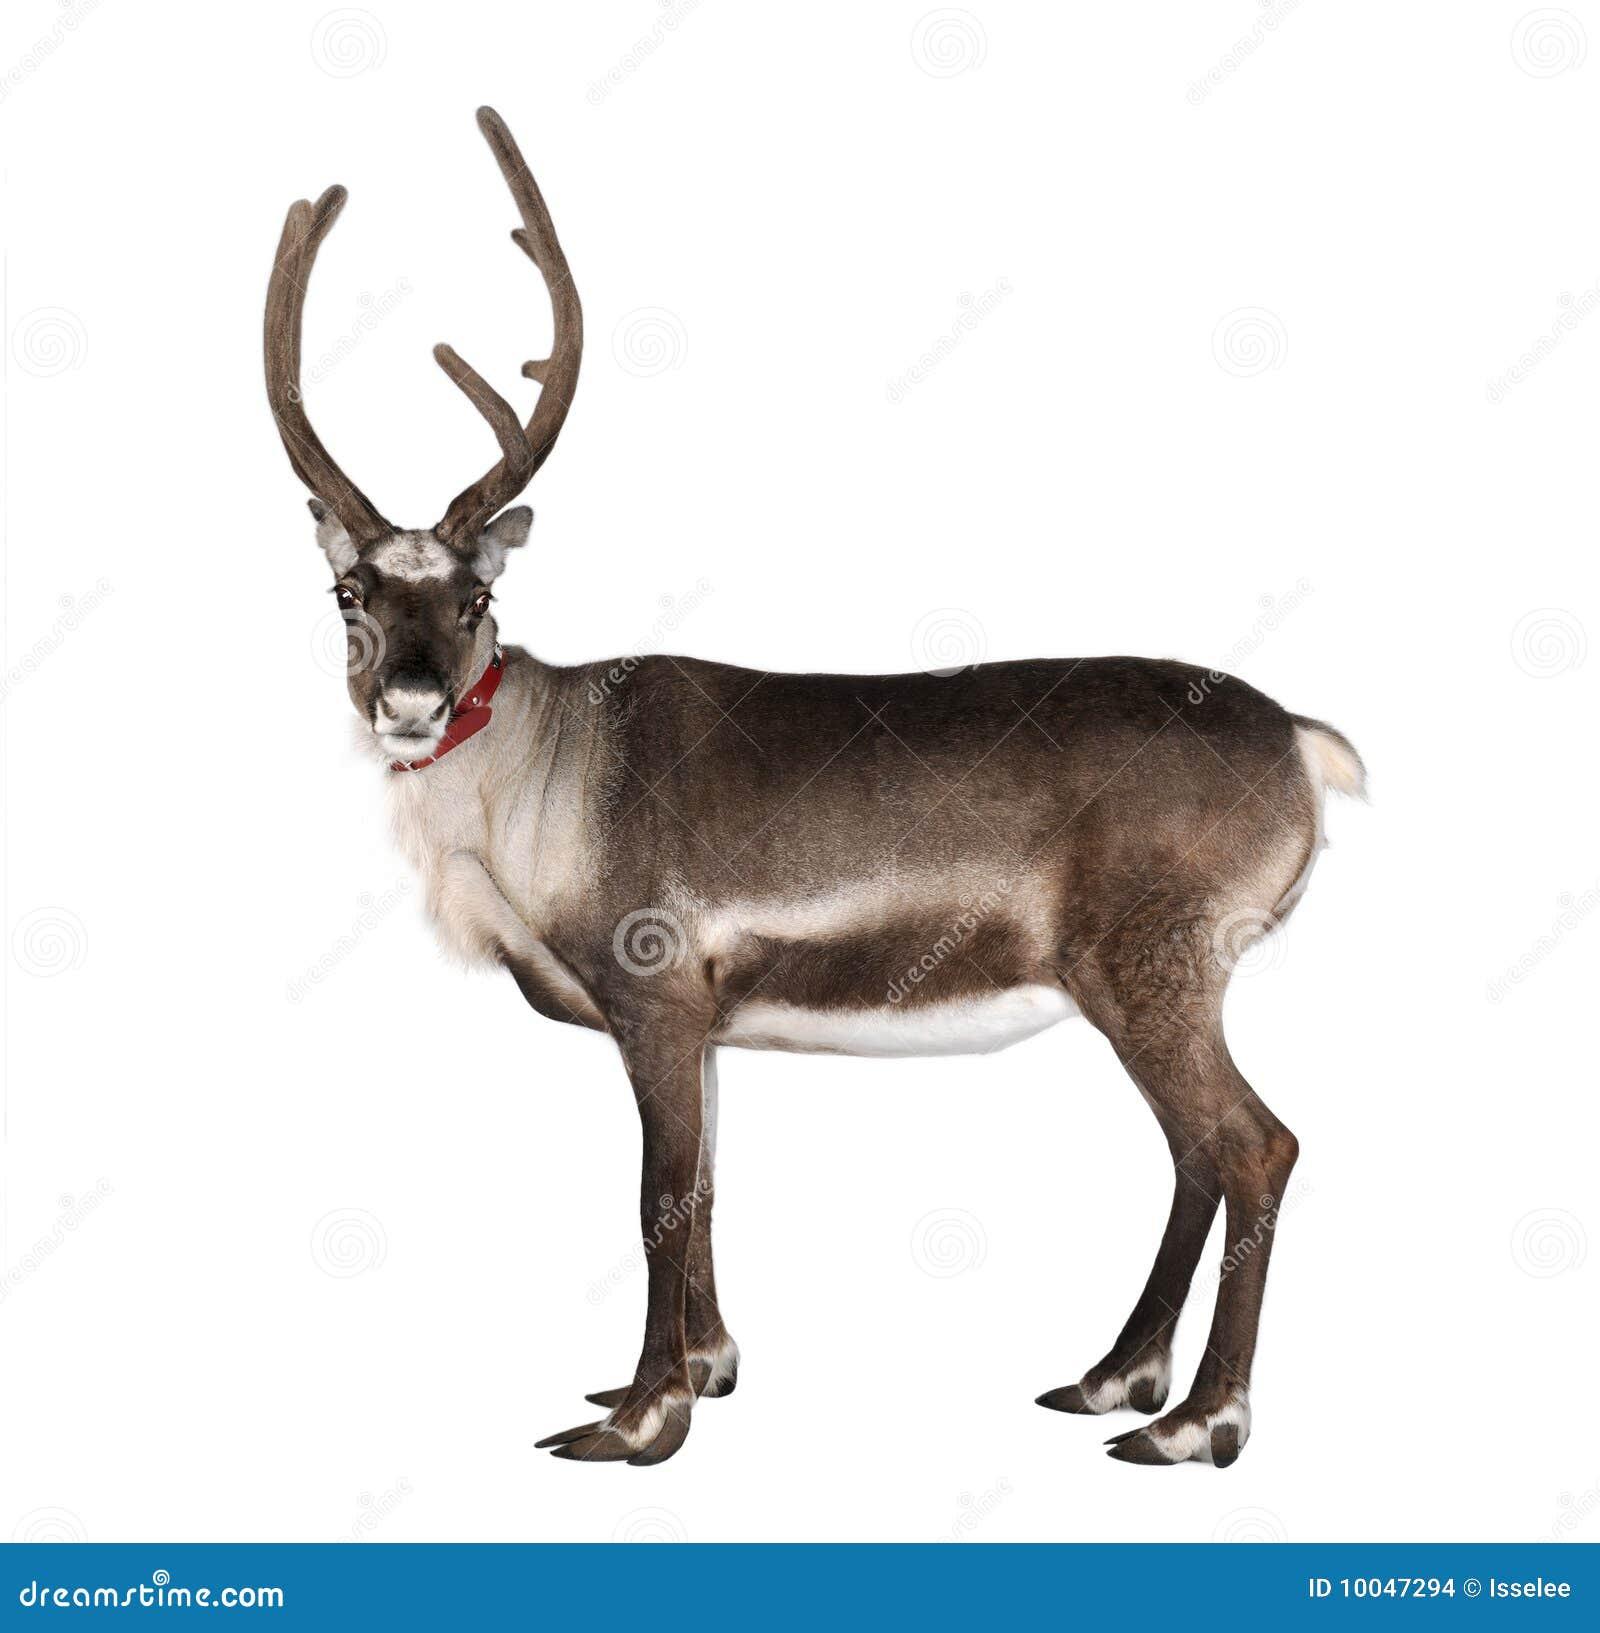 Real reindeer antlers side view - photo#6